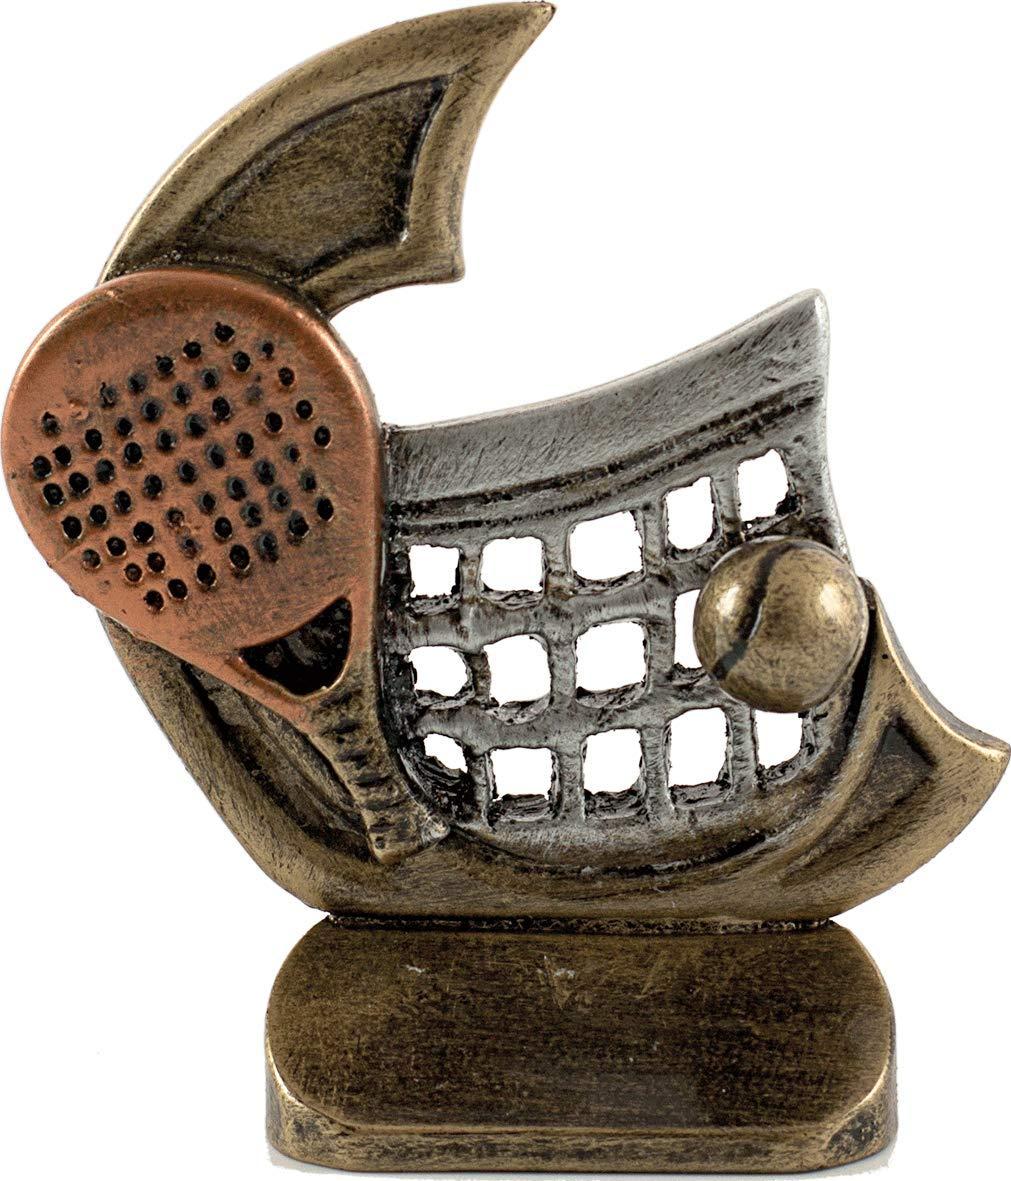 Art-Trophies AT815027 Trofeo Deportivo, Plateado, 11 cm: Amazon.es ...